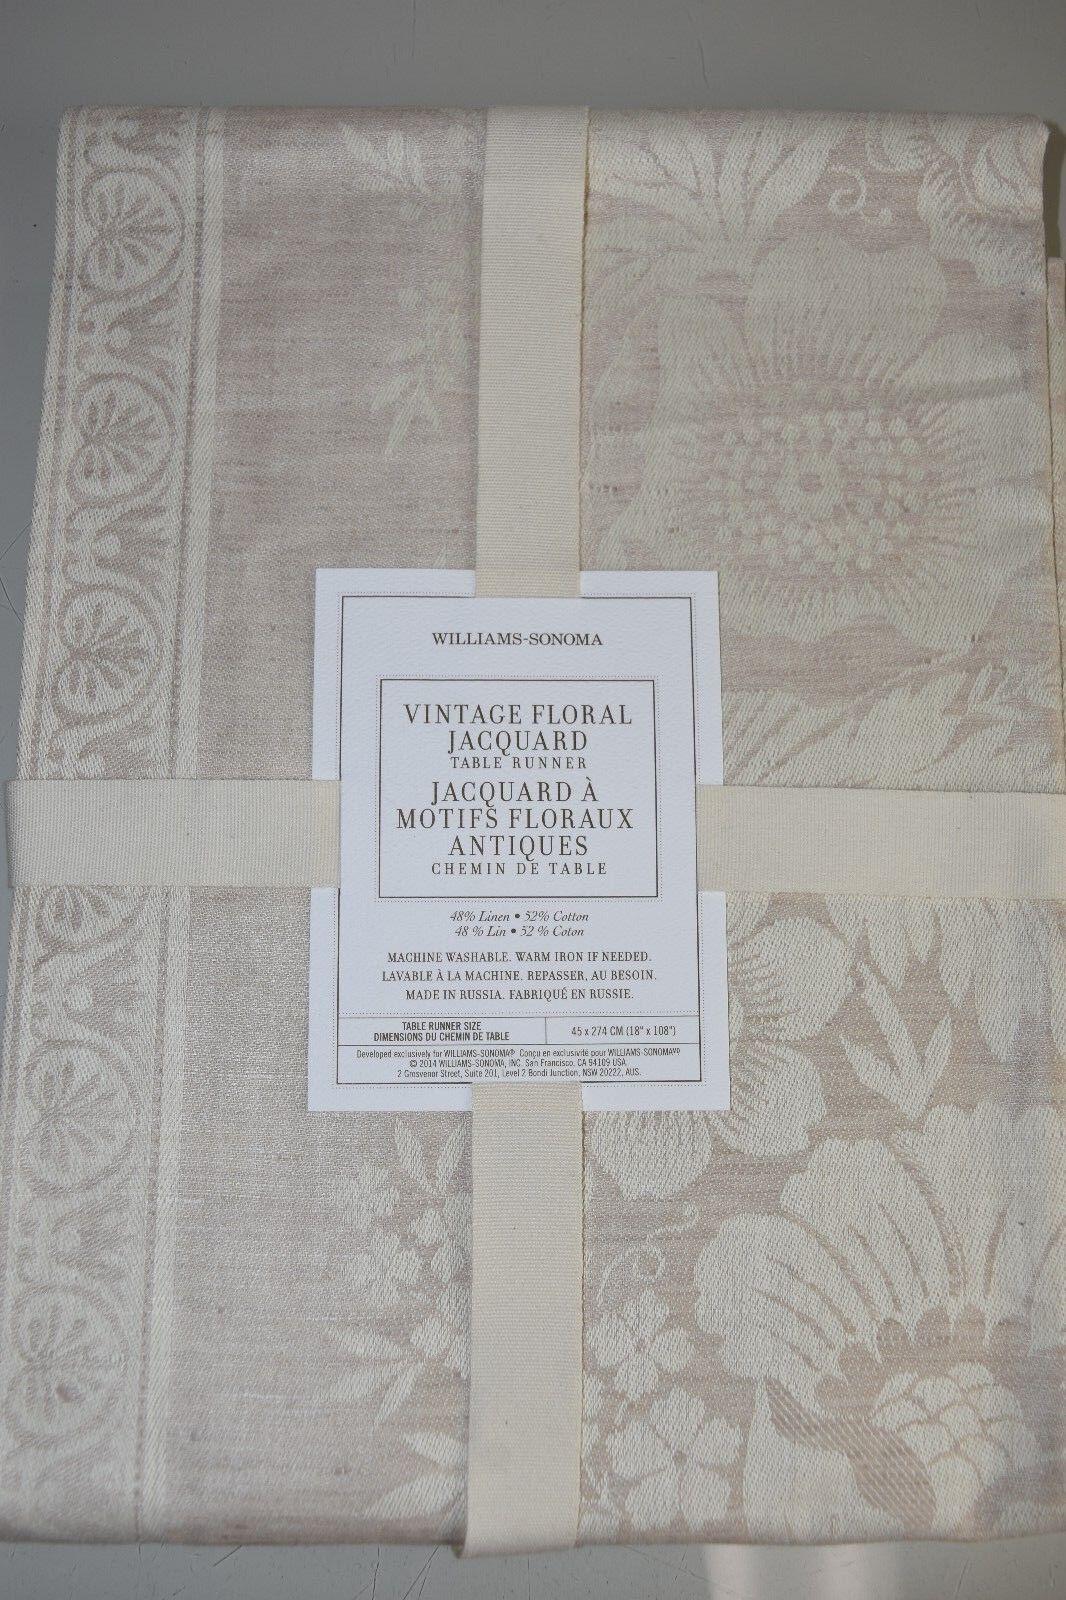 Nouvelle Williams Sonoma Vintage Floral Jacquard Table Runner Naturel Beige 45x274